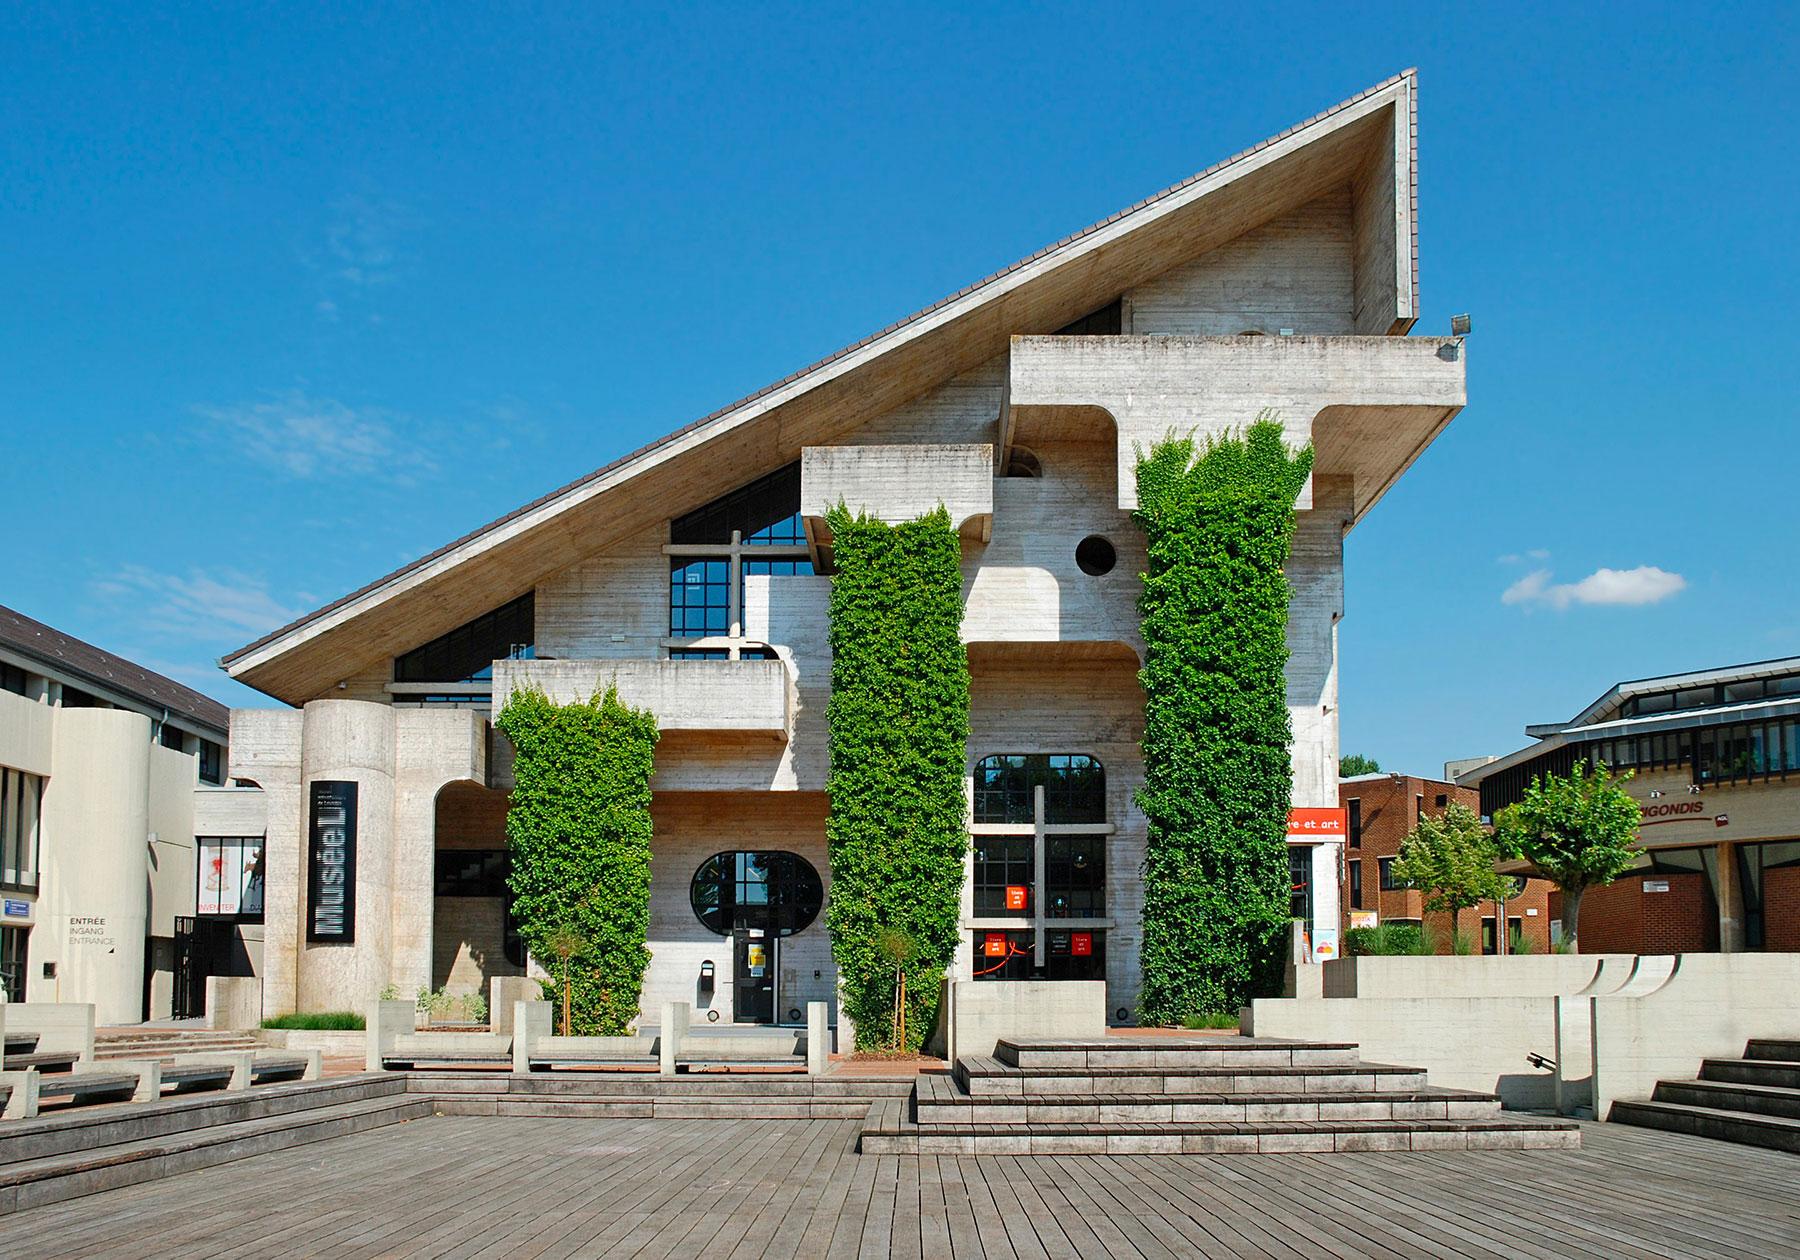 Le Musée L à Louvain-la-Neuve